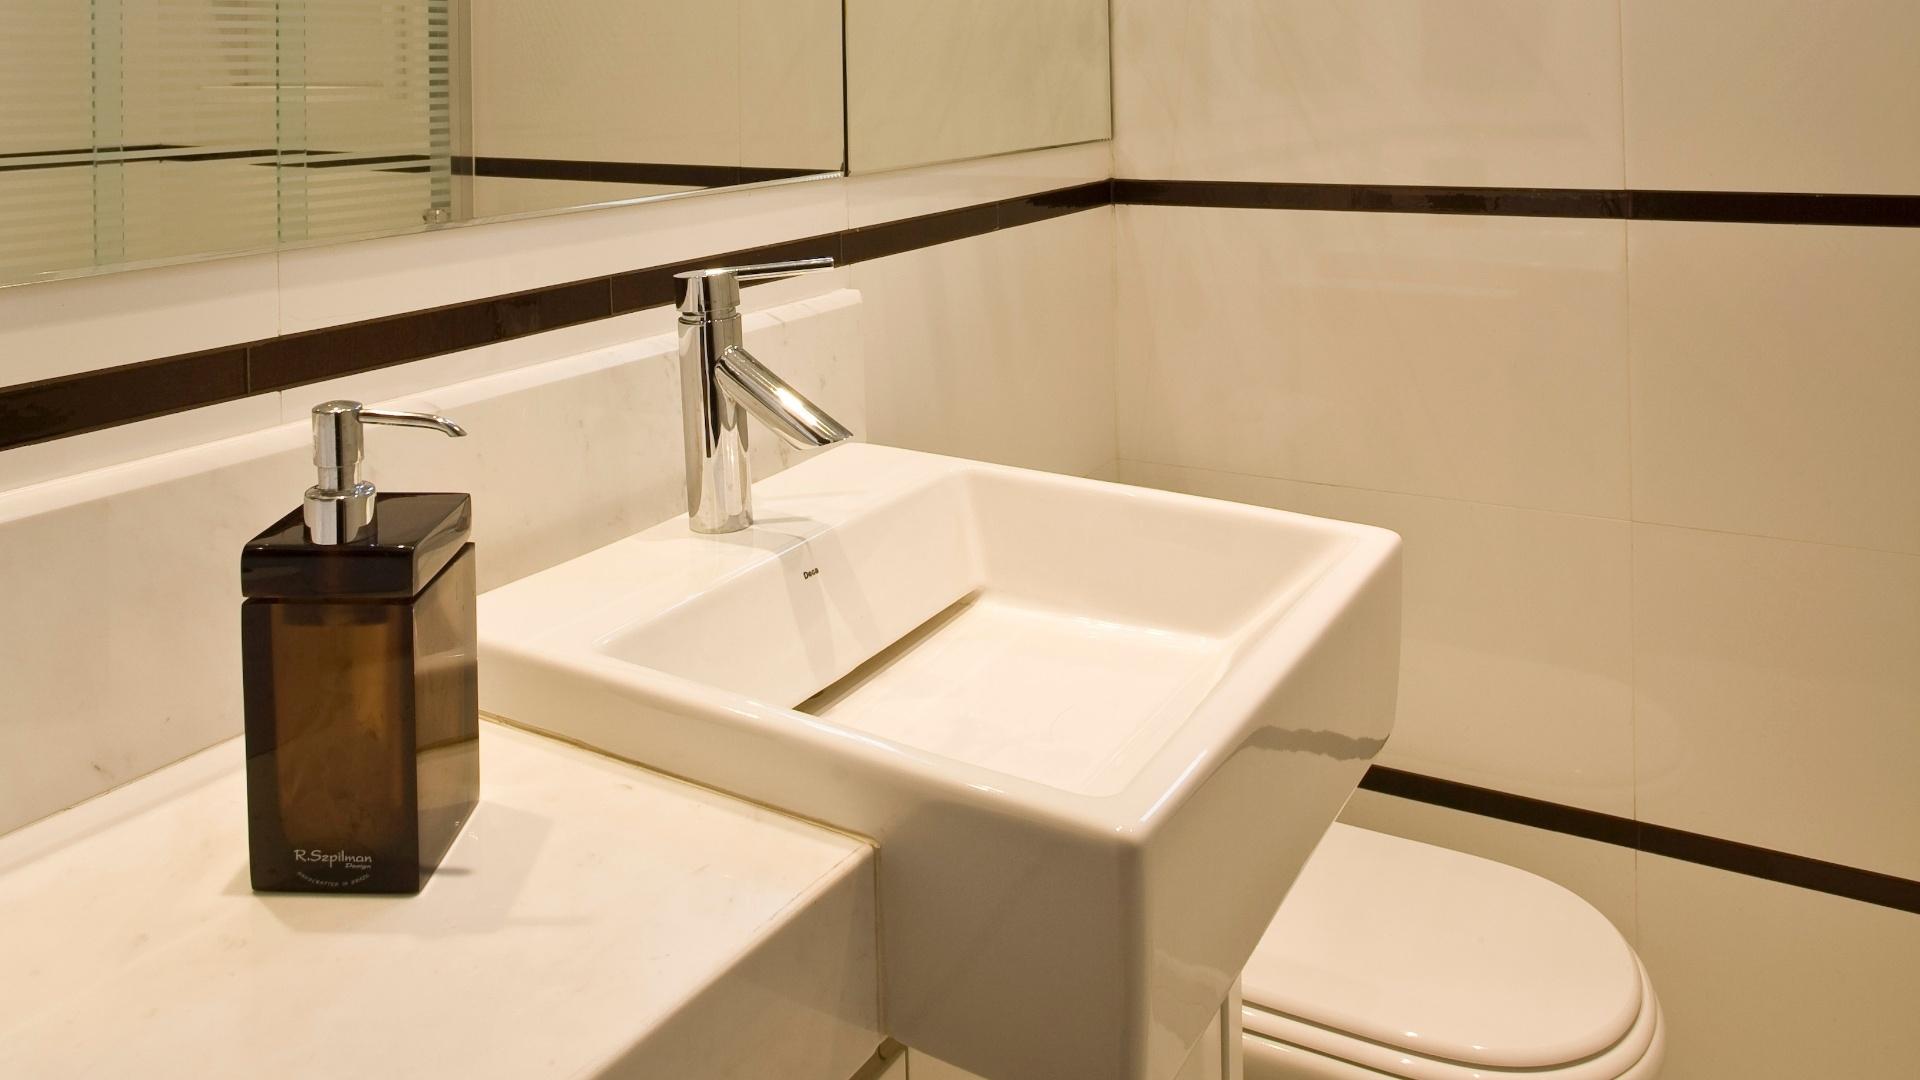 2012 Peças Para Banheiro Em Acrílico Banheiro Preto E Cinza Banheiro  #A46A27 1920x1080 Balança De Banheiro Simples